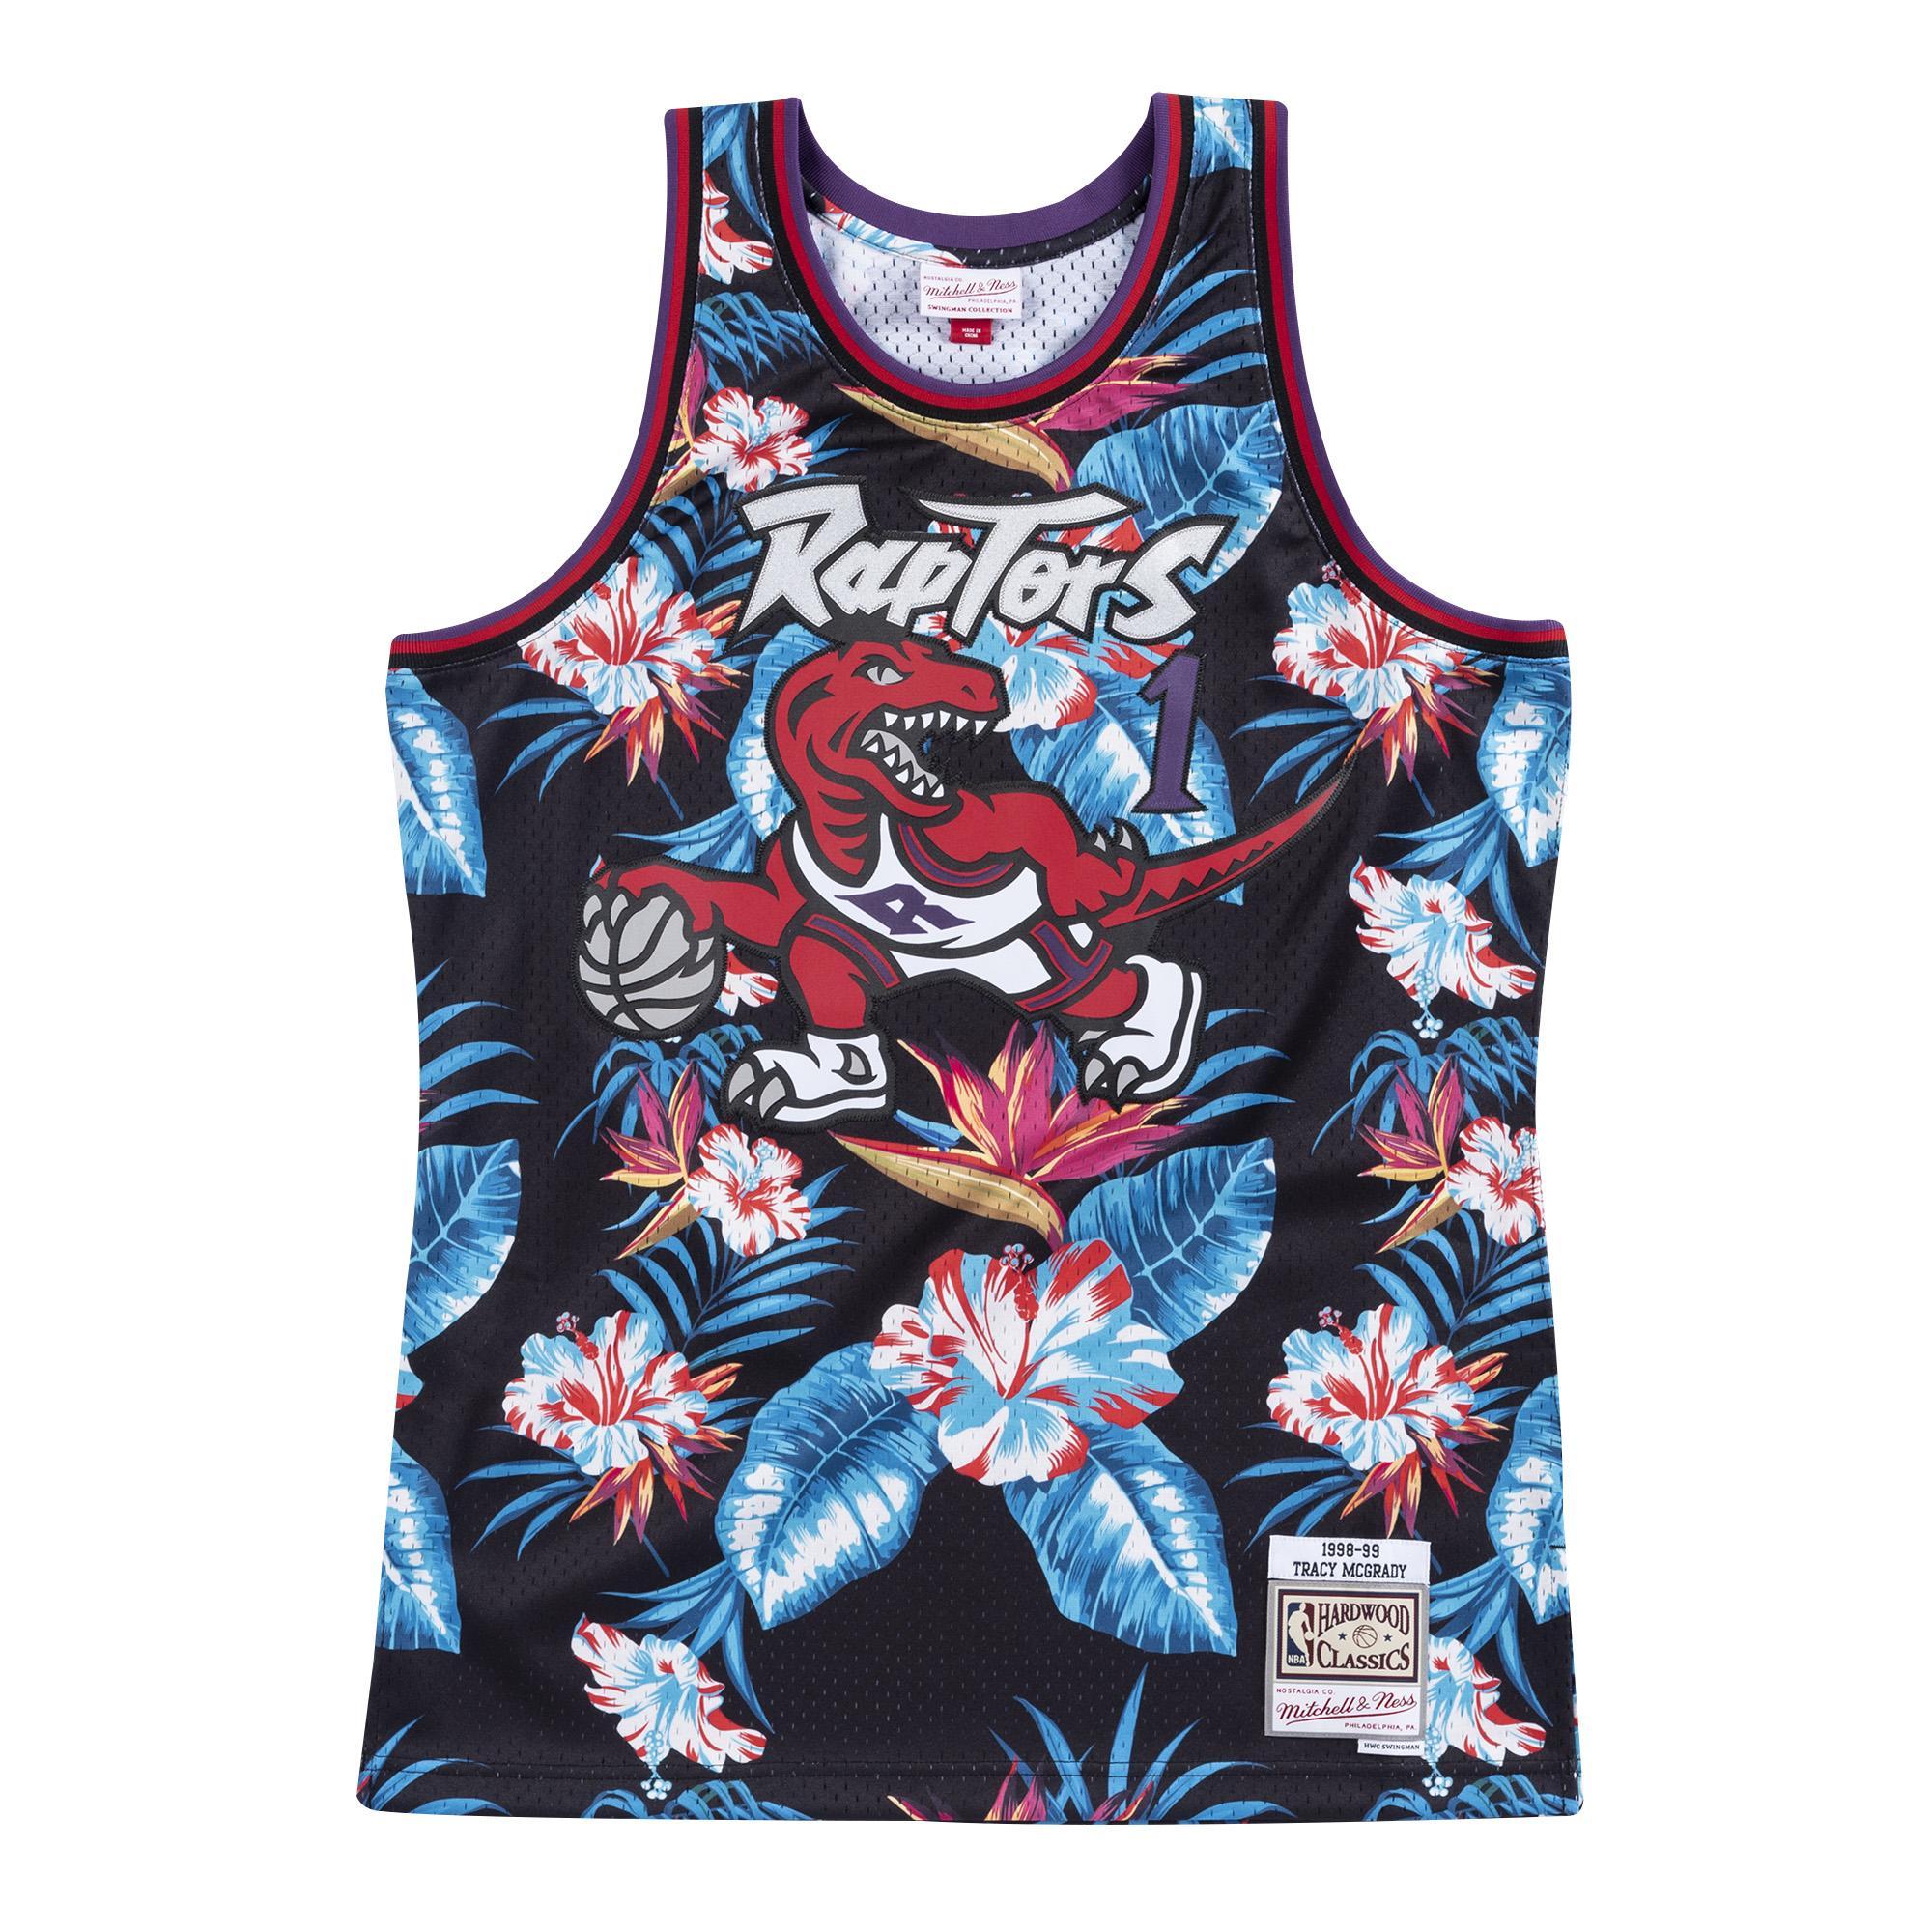 9c933eb132f Toronto Raptors